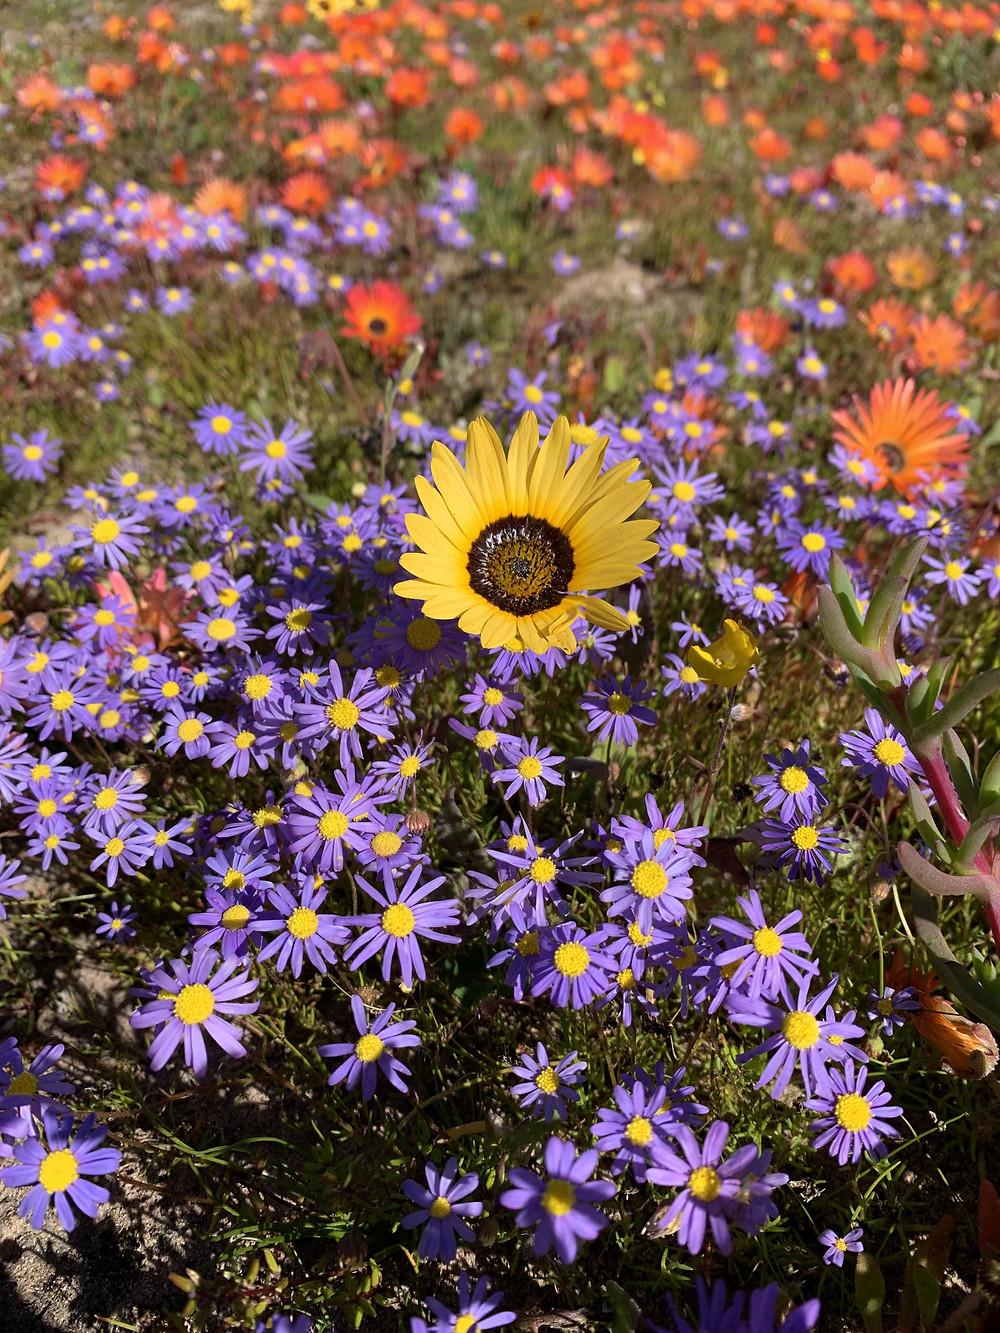 Wildblumen in Südafrika, Jacobs Bay an der Westküste des Landes. Jeden Frühling blühen dort bunte Blumen und ziehen die Besucher aus Kapstadt magisch an.